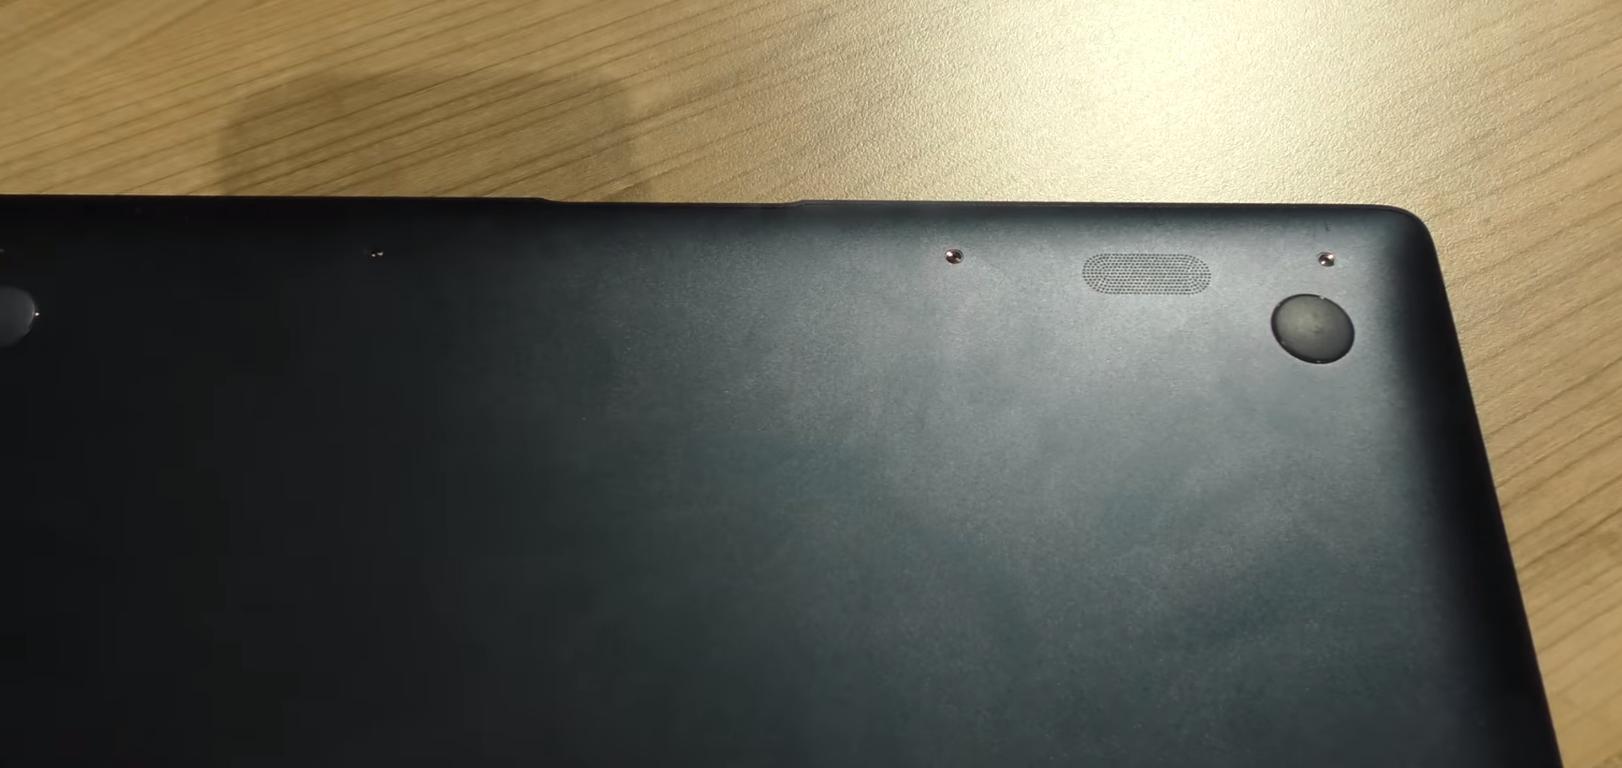 IFA 2016: ASUS Zenbook 3 - cel mai premium ultrabook își face apariția